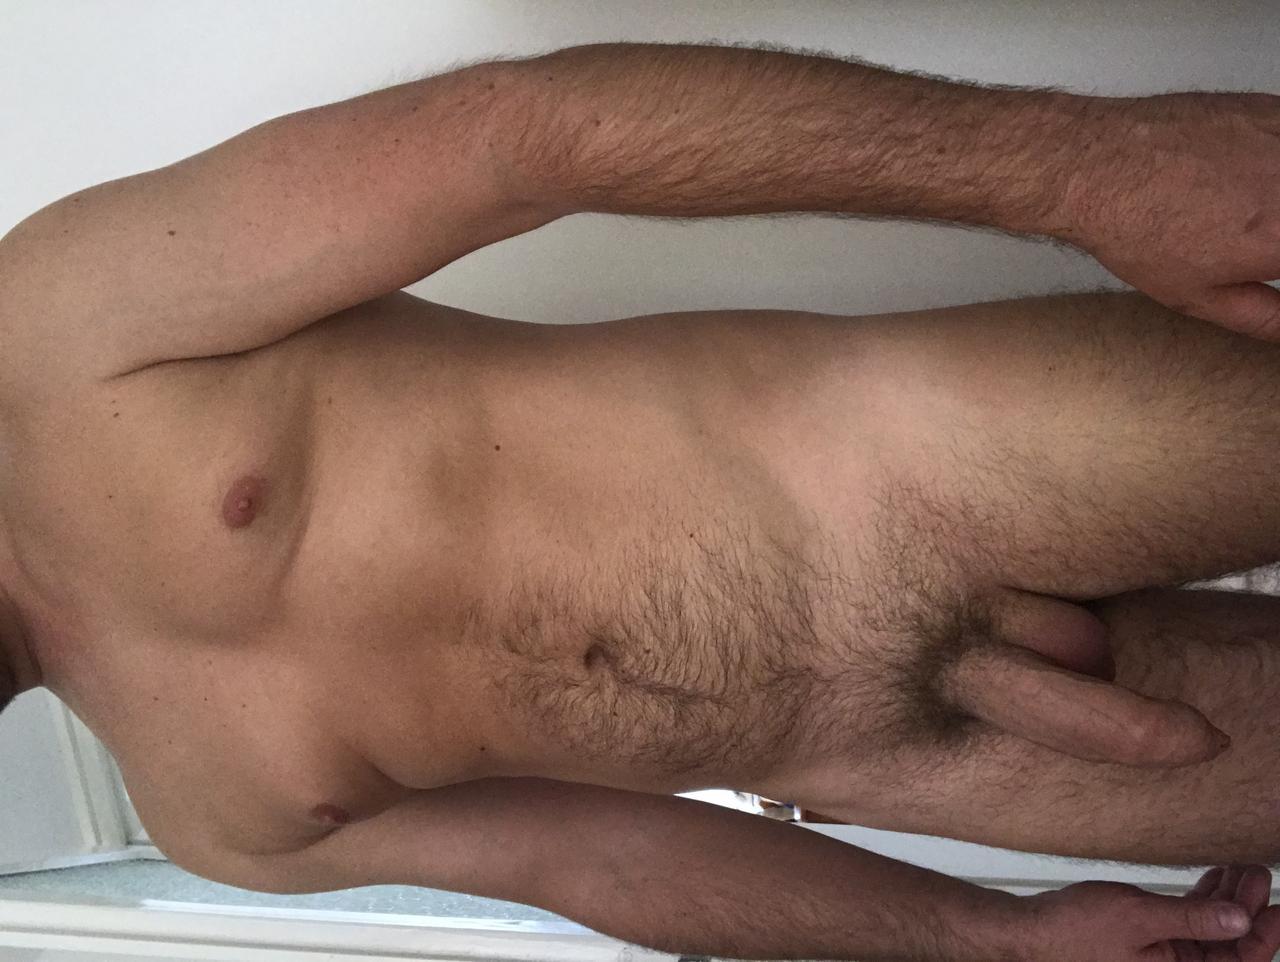 30 cm-es pénisz egy srácnak